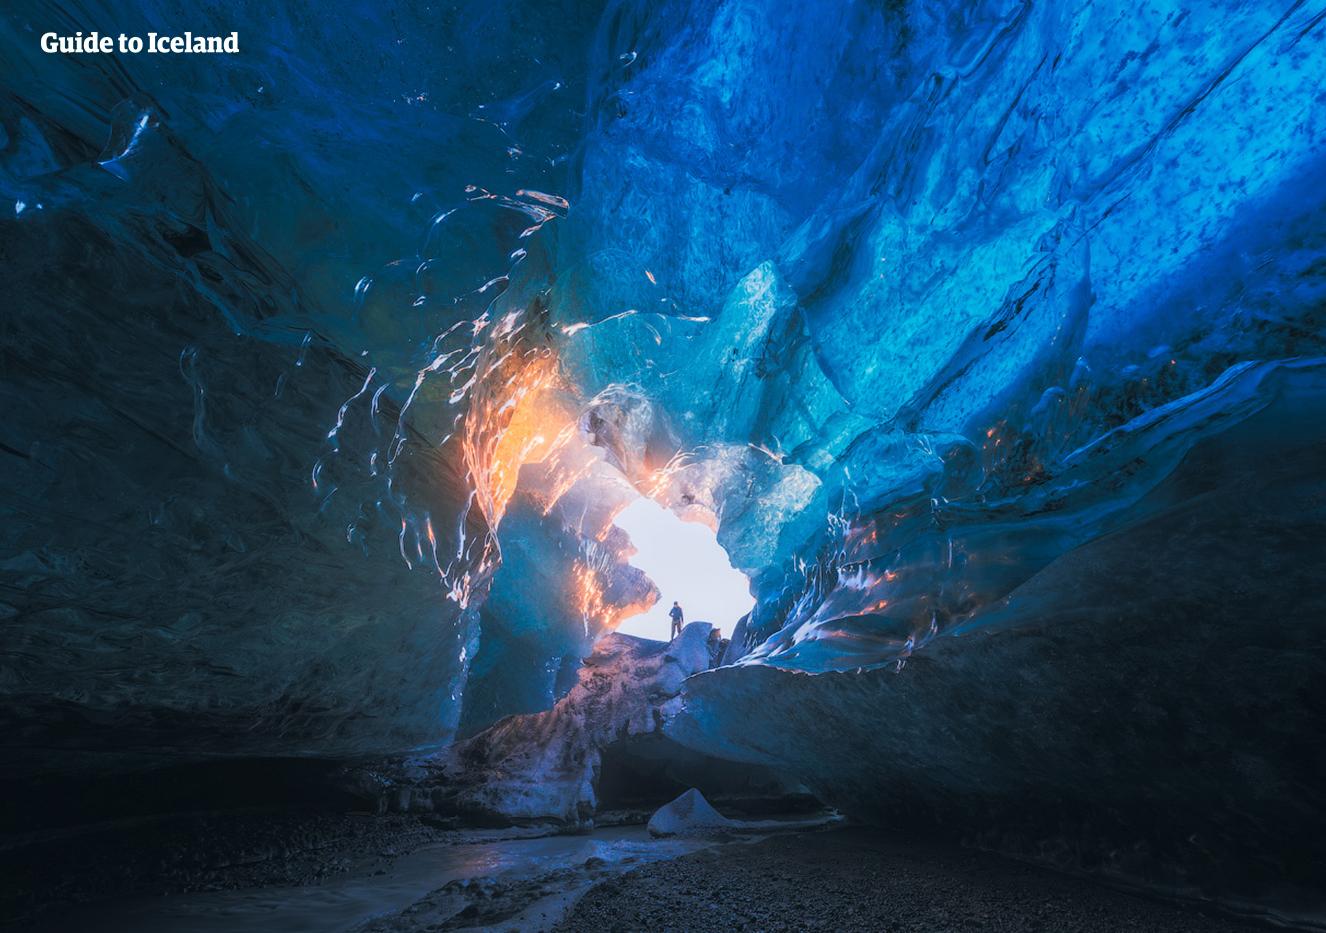 Onder de Vatnajökull-gletsjer is een netwerk van ijsgrotten aanwezig en in de winter hebben IJslandbezoekers het geluk dat ze deze grotten kunnen verkennen.